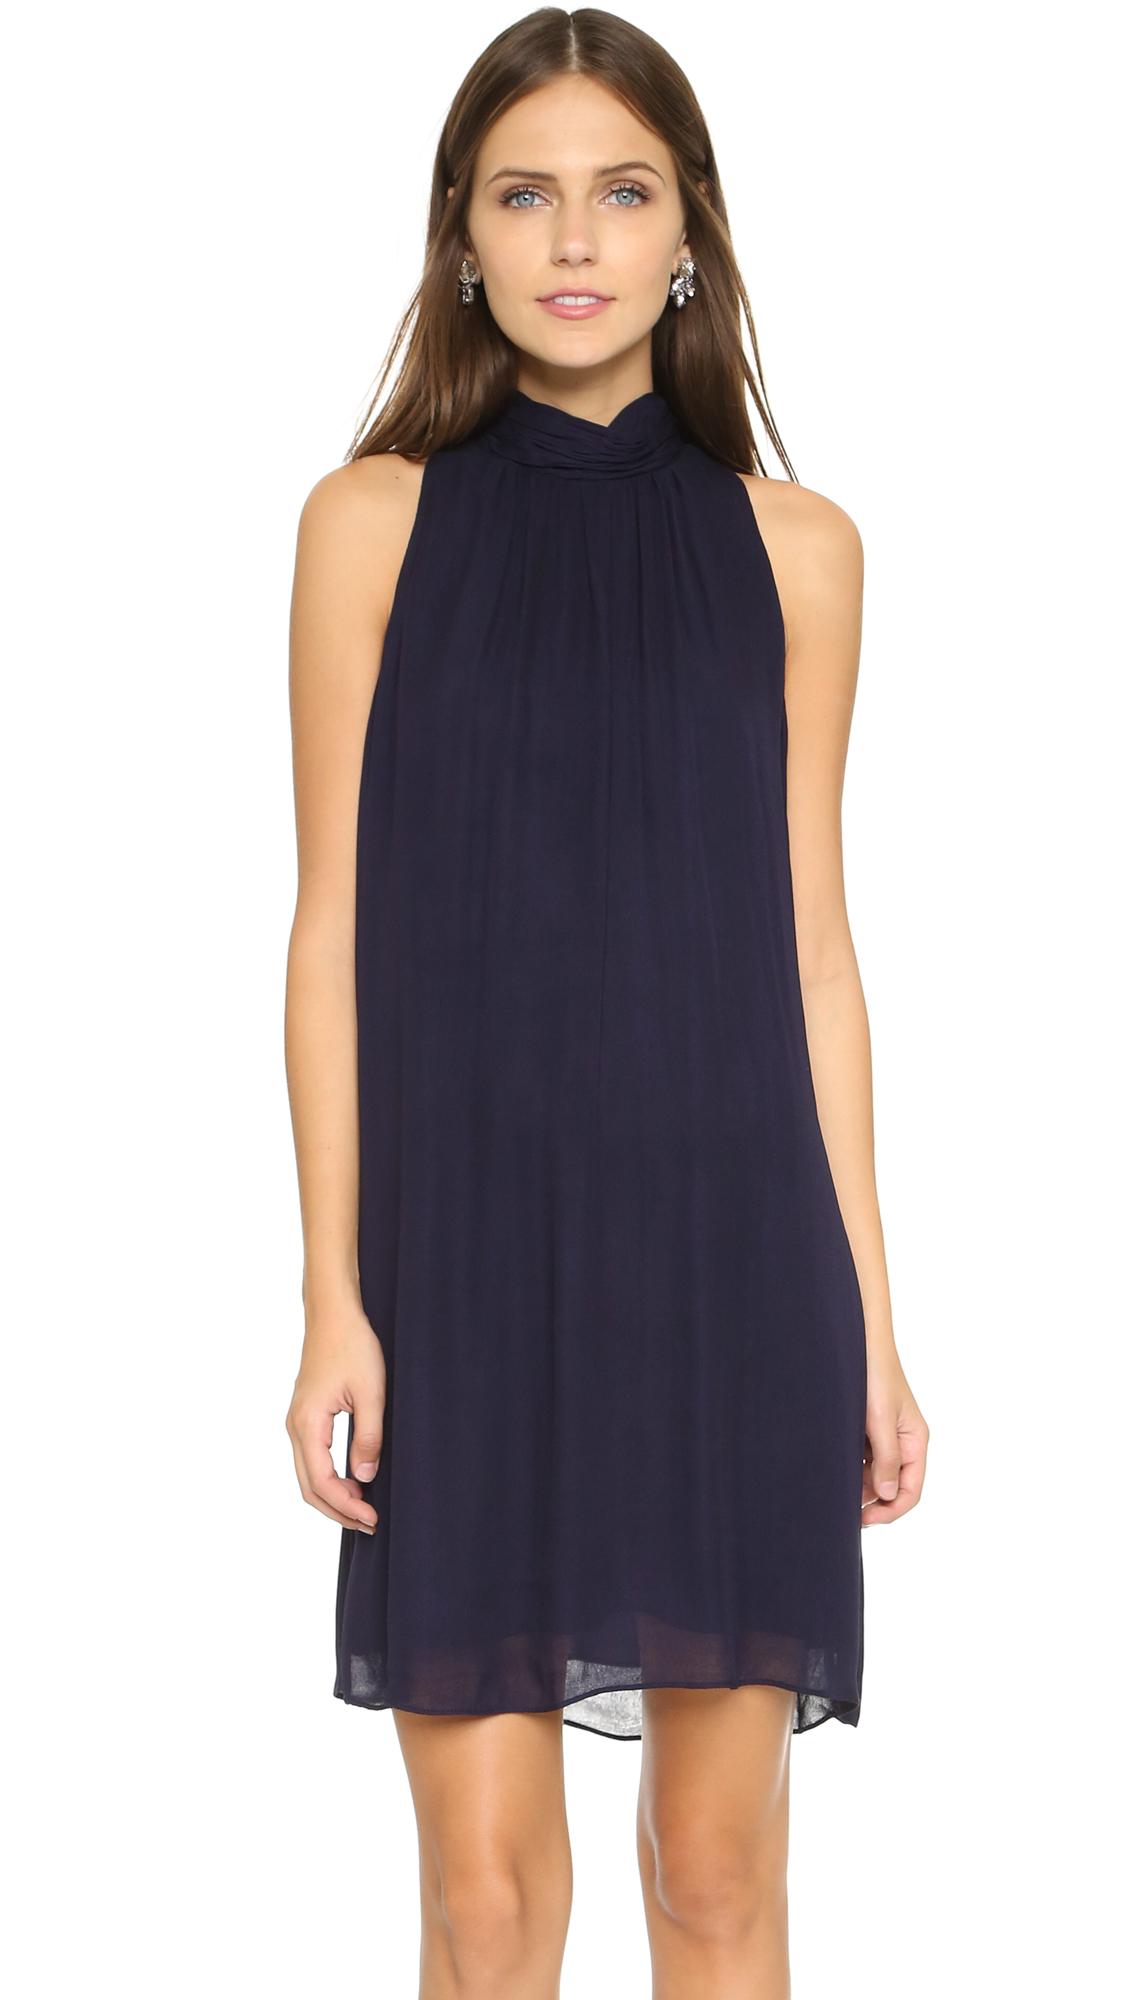 Alice + Olivia Rhiannon Dress - Navy at Shopbop